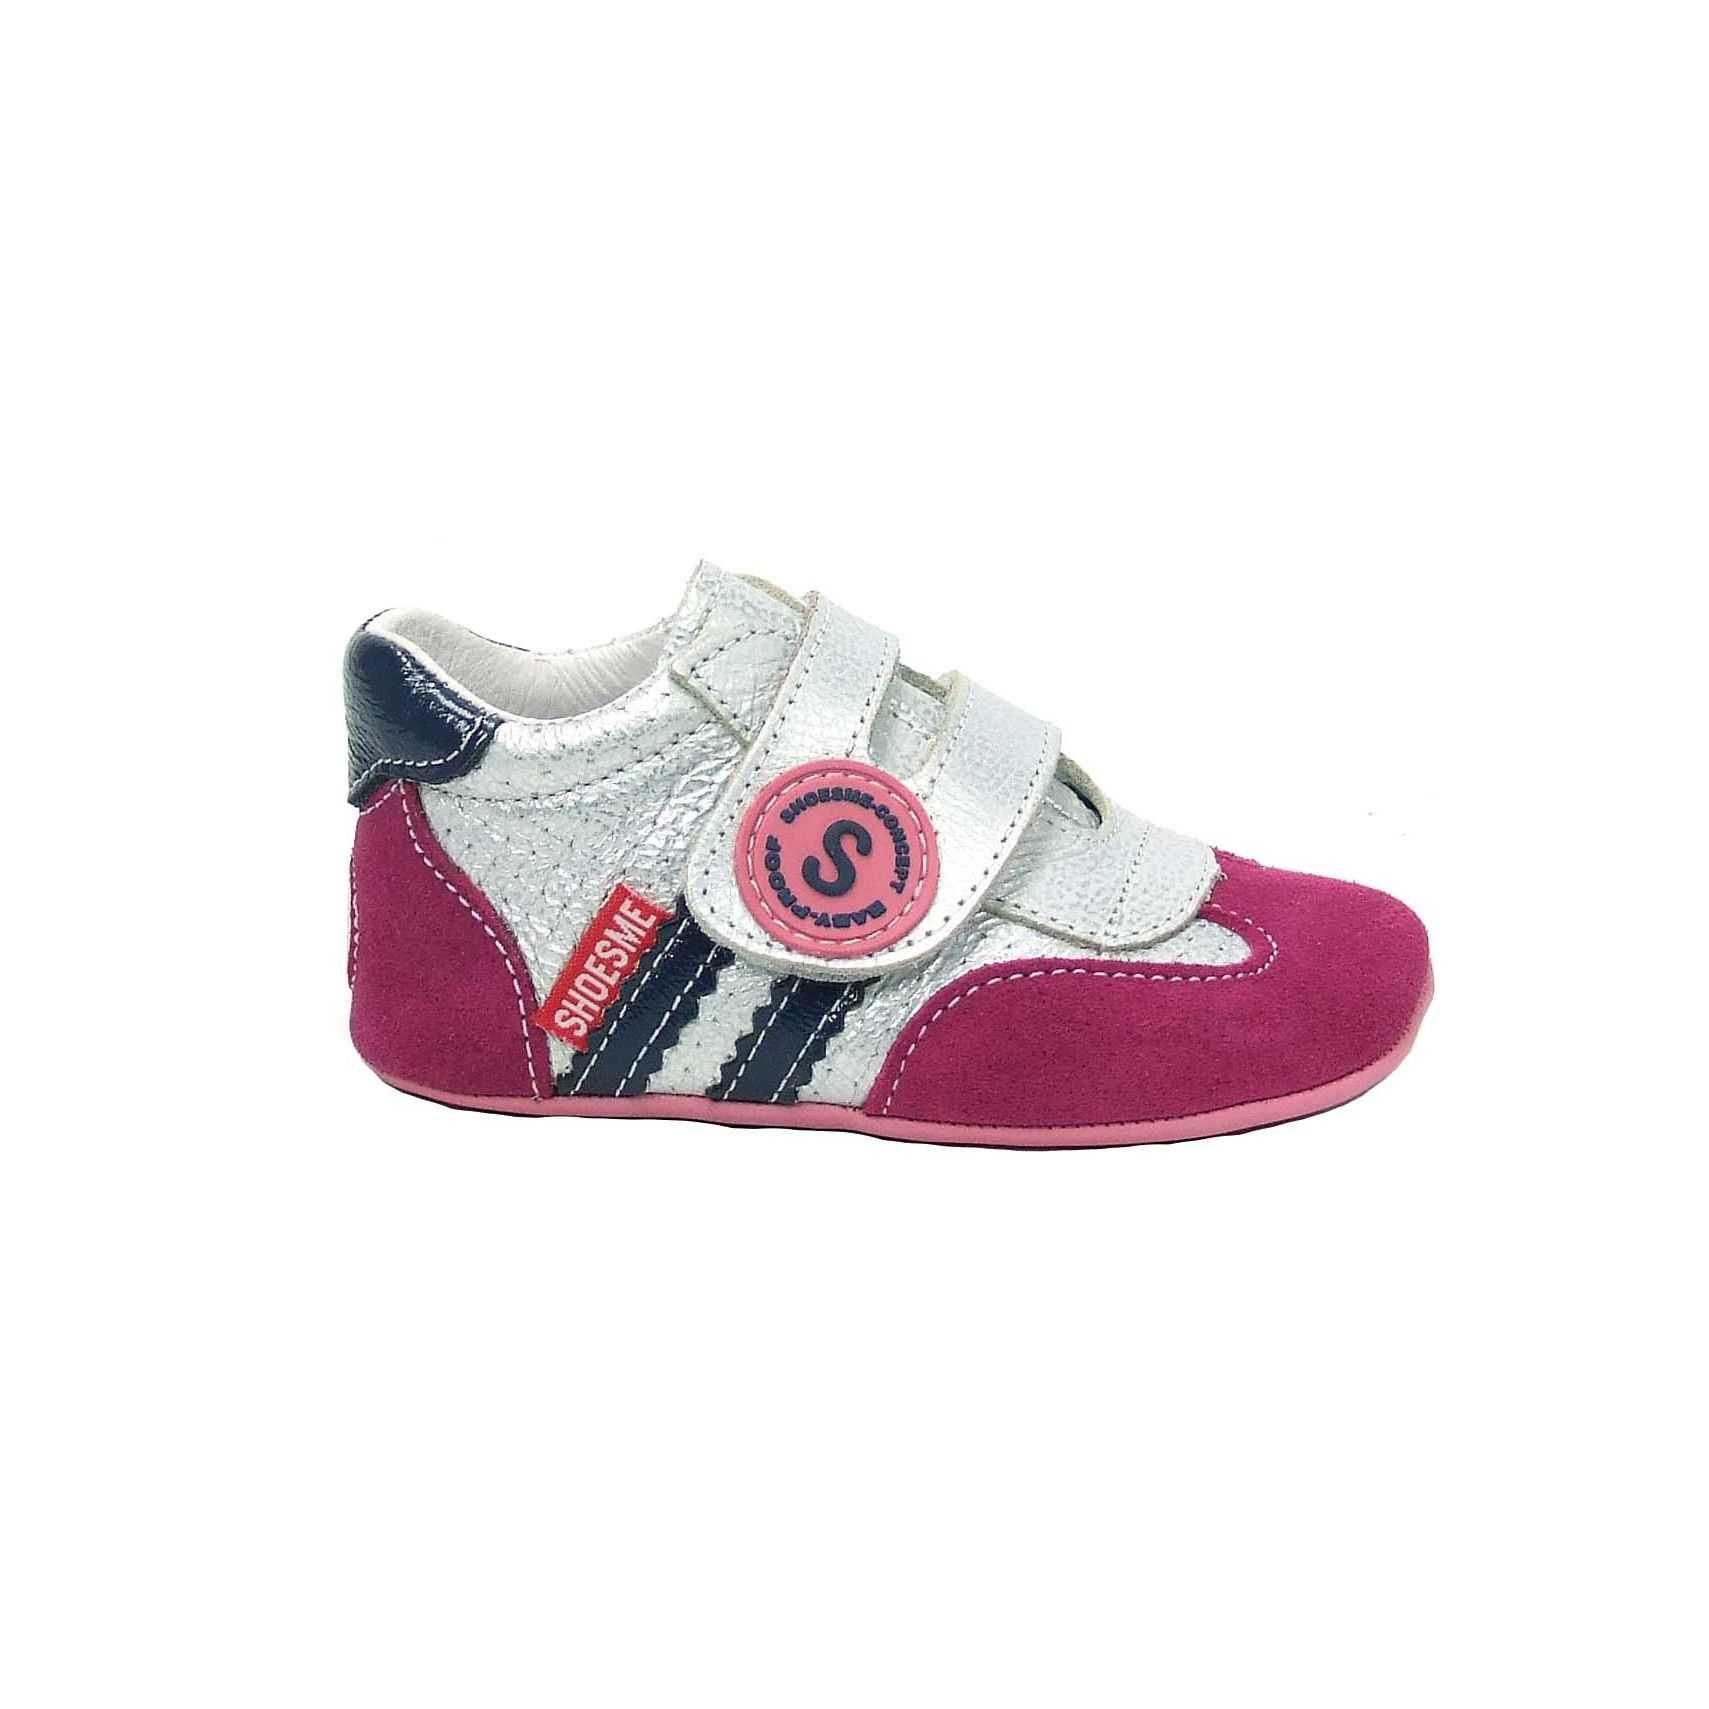 0683d9749a8 Meisjes baby schoenen van Shoesme! Deze kinderschoenen zijn van fuchsia roze  suede en metallic zilver